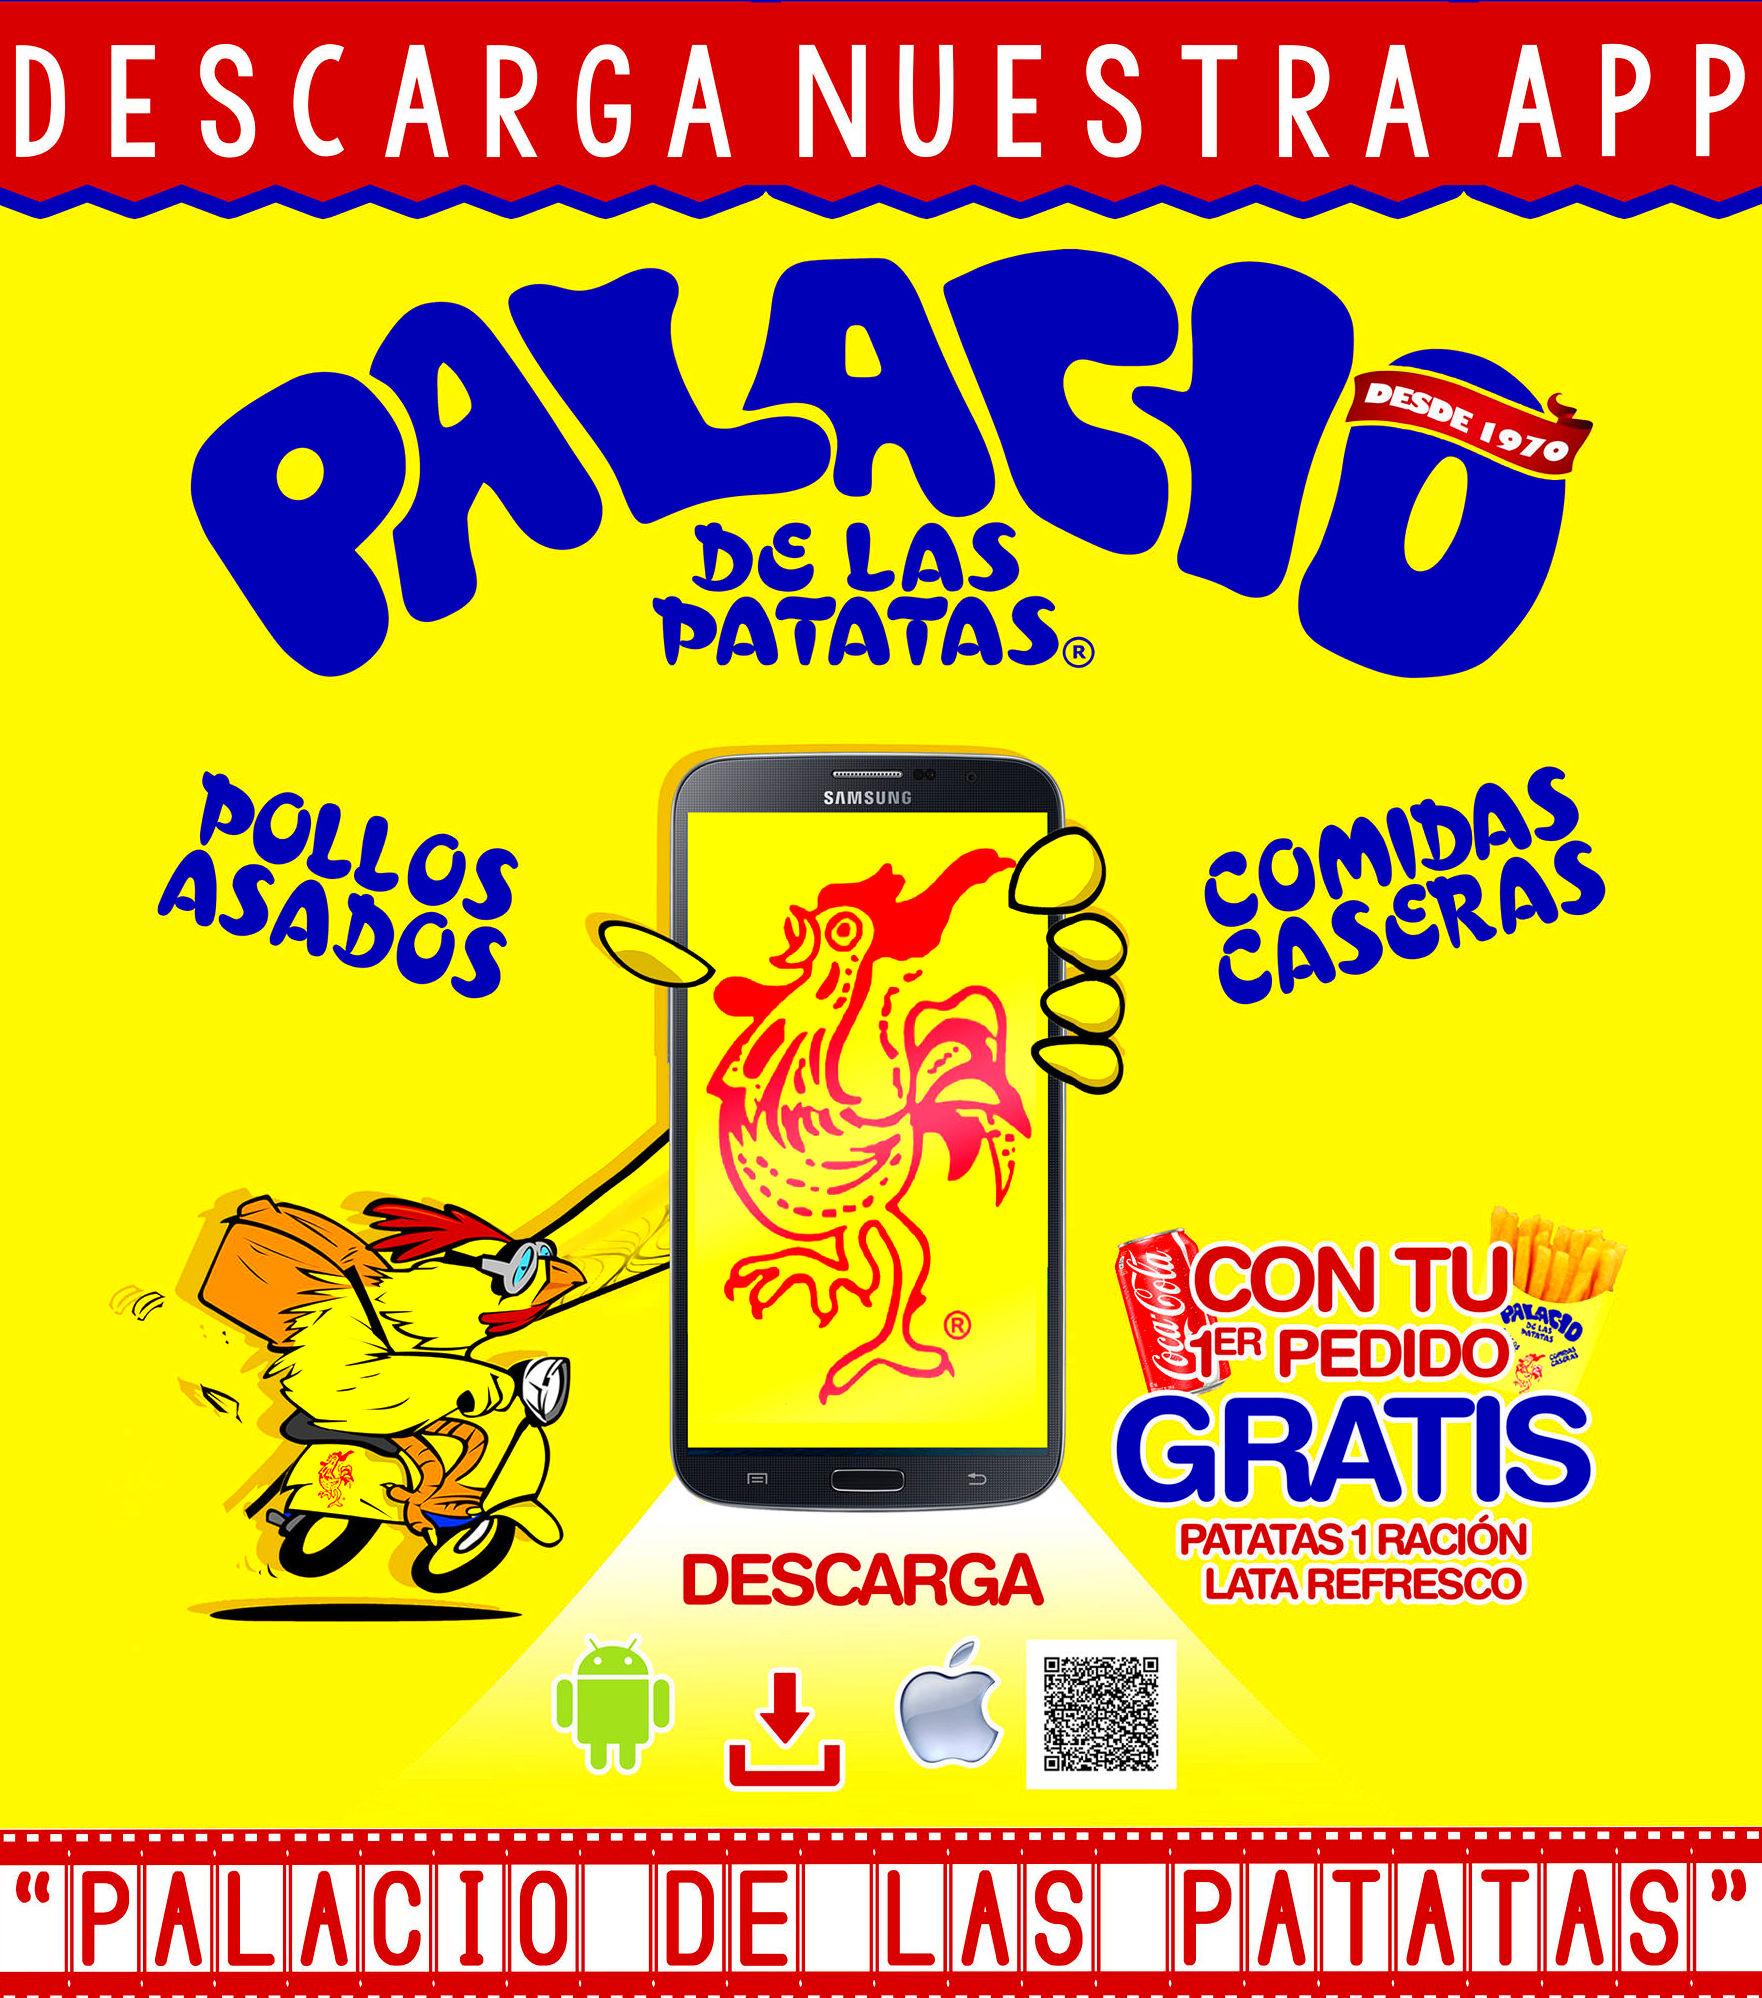 APP PALACIO DE LAS PATATAS®